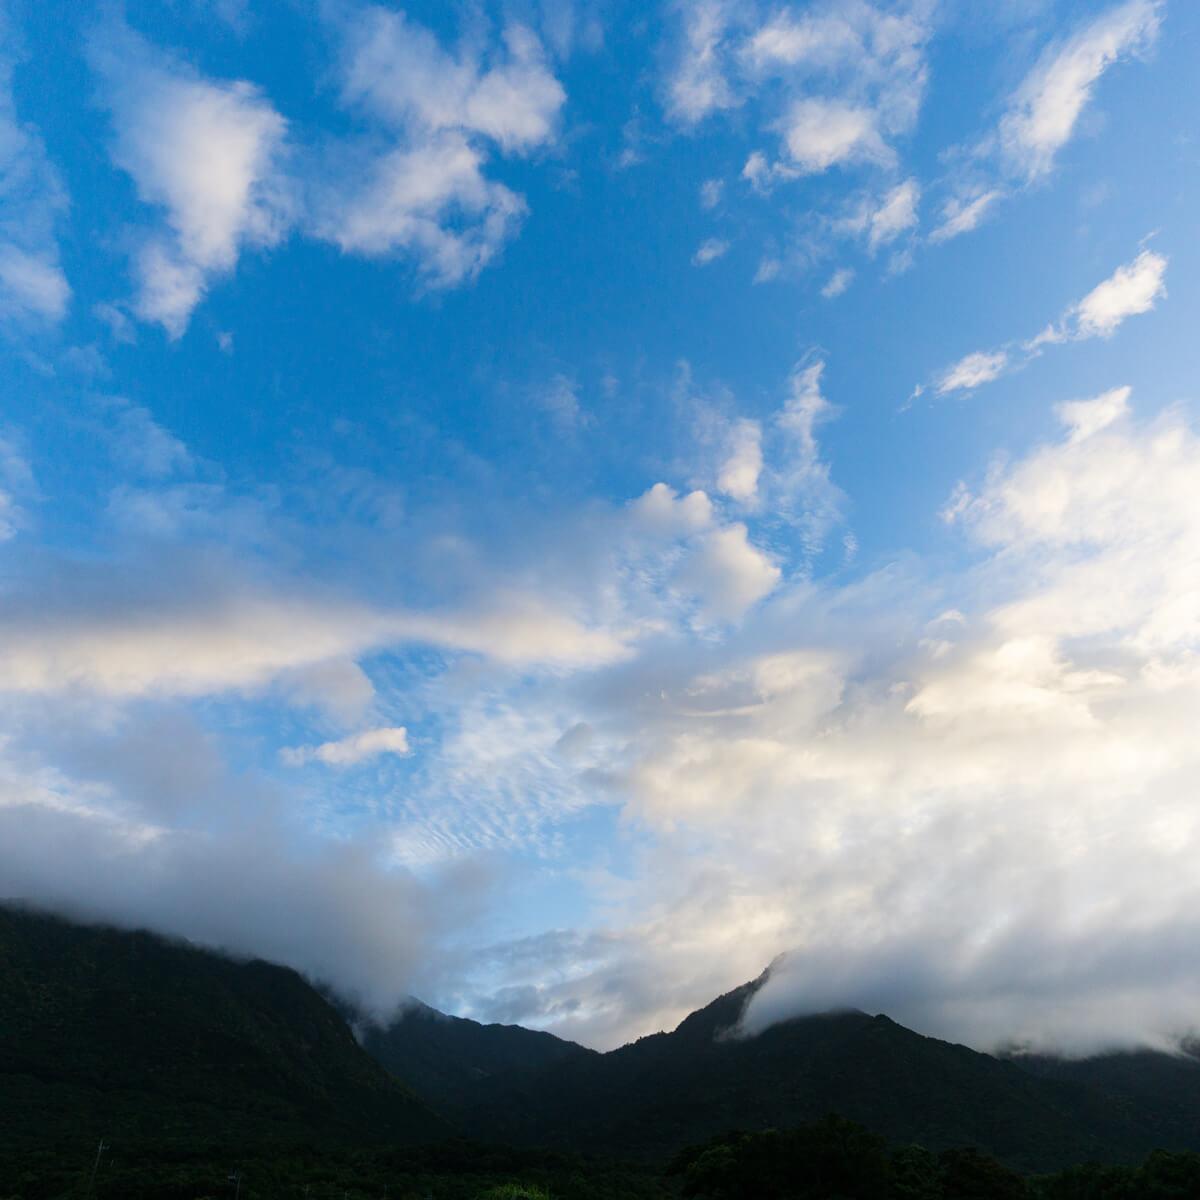 屋久島の朝の空 屋久島日々の暮らしとジュエリー オーダーメイドマリッジリングのモチーフ